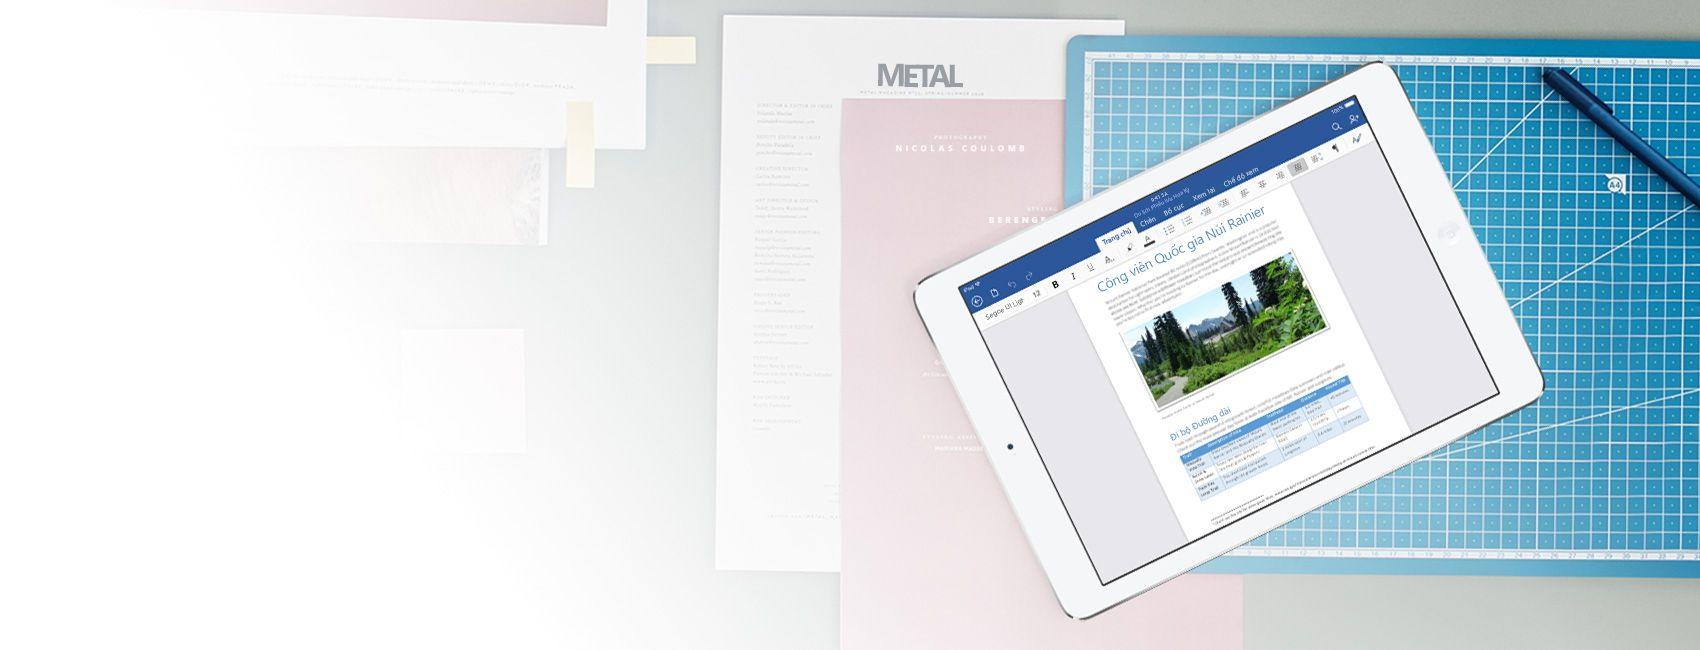 Một chiếc iPad hiển thị tài liệu Word về Công viên Quốc gia Núi Rainier trong ứng dụng Word dành cho iOS